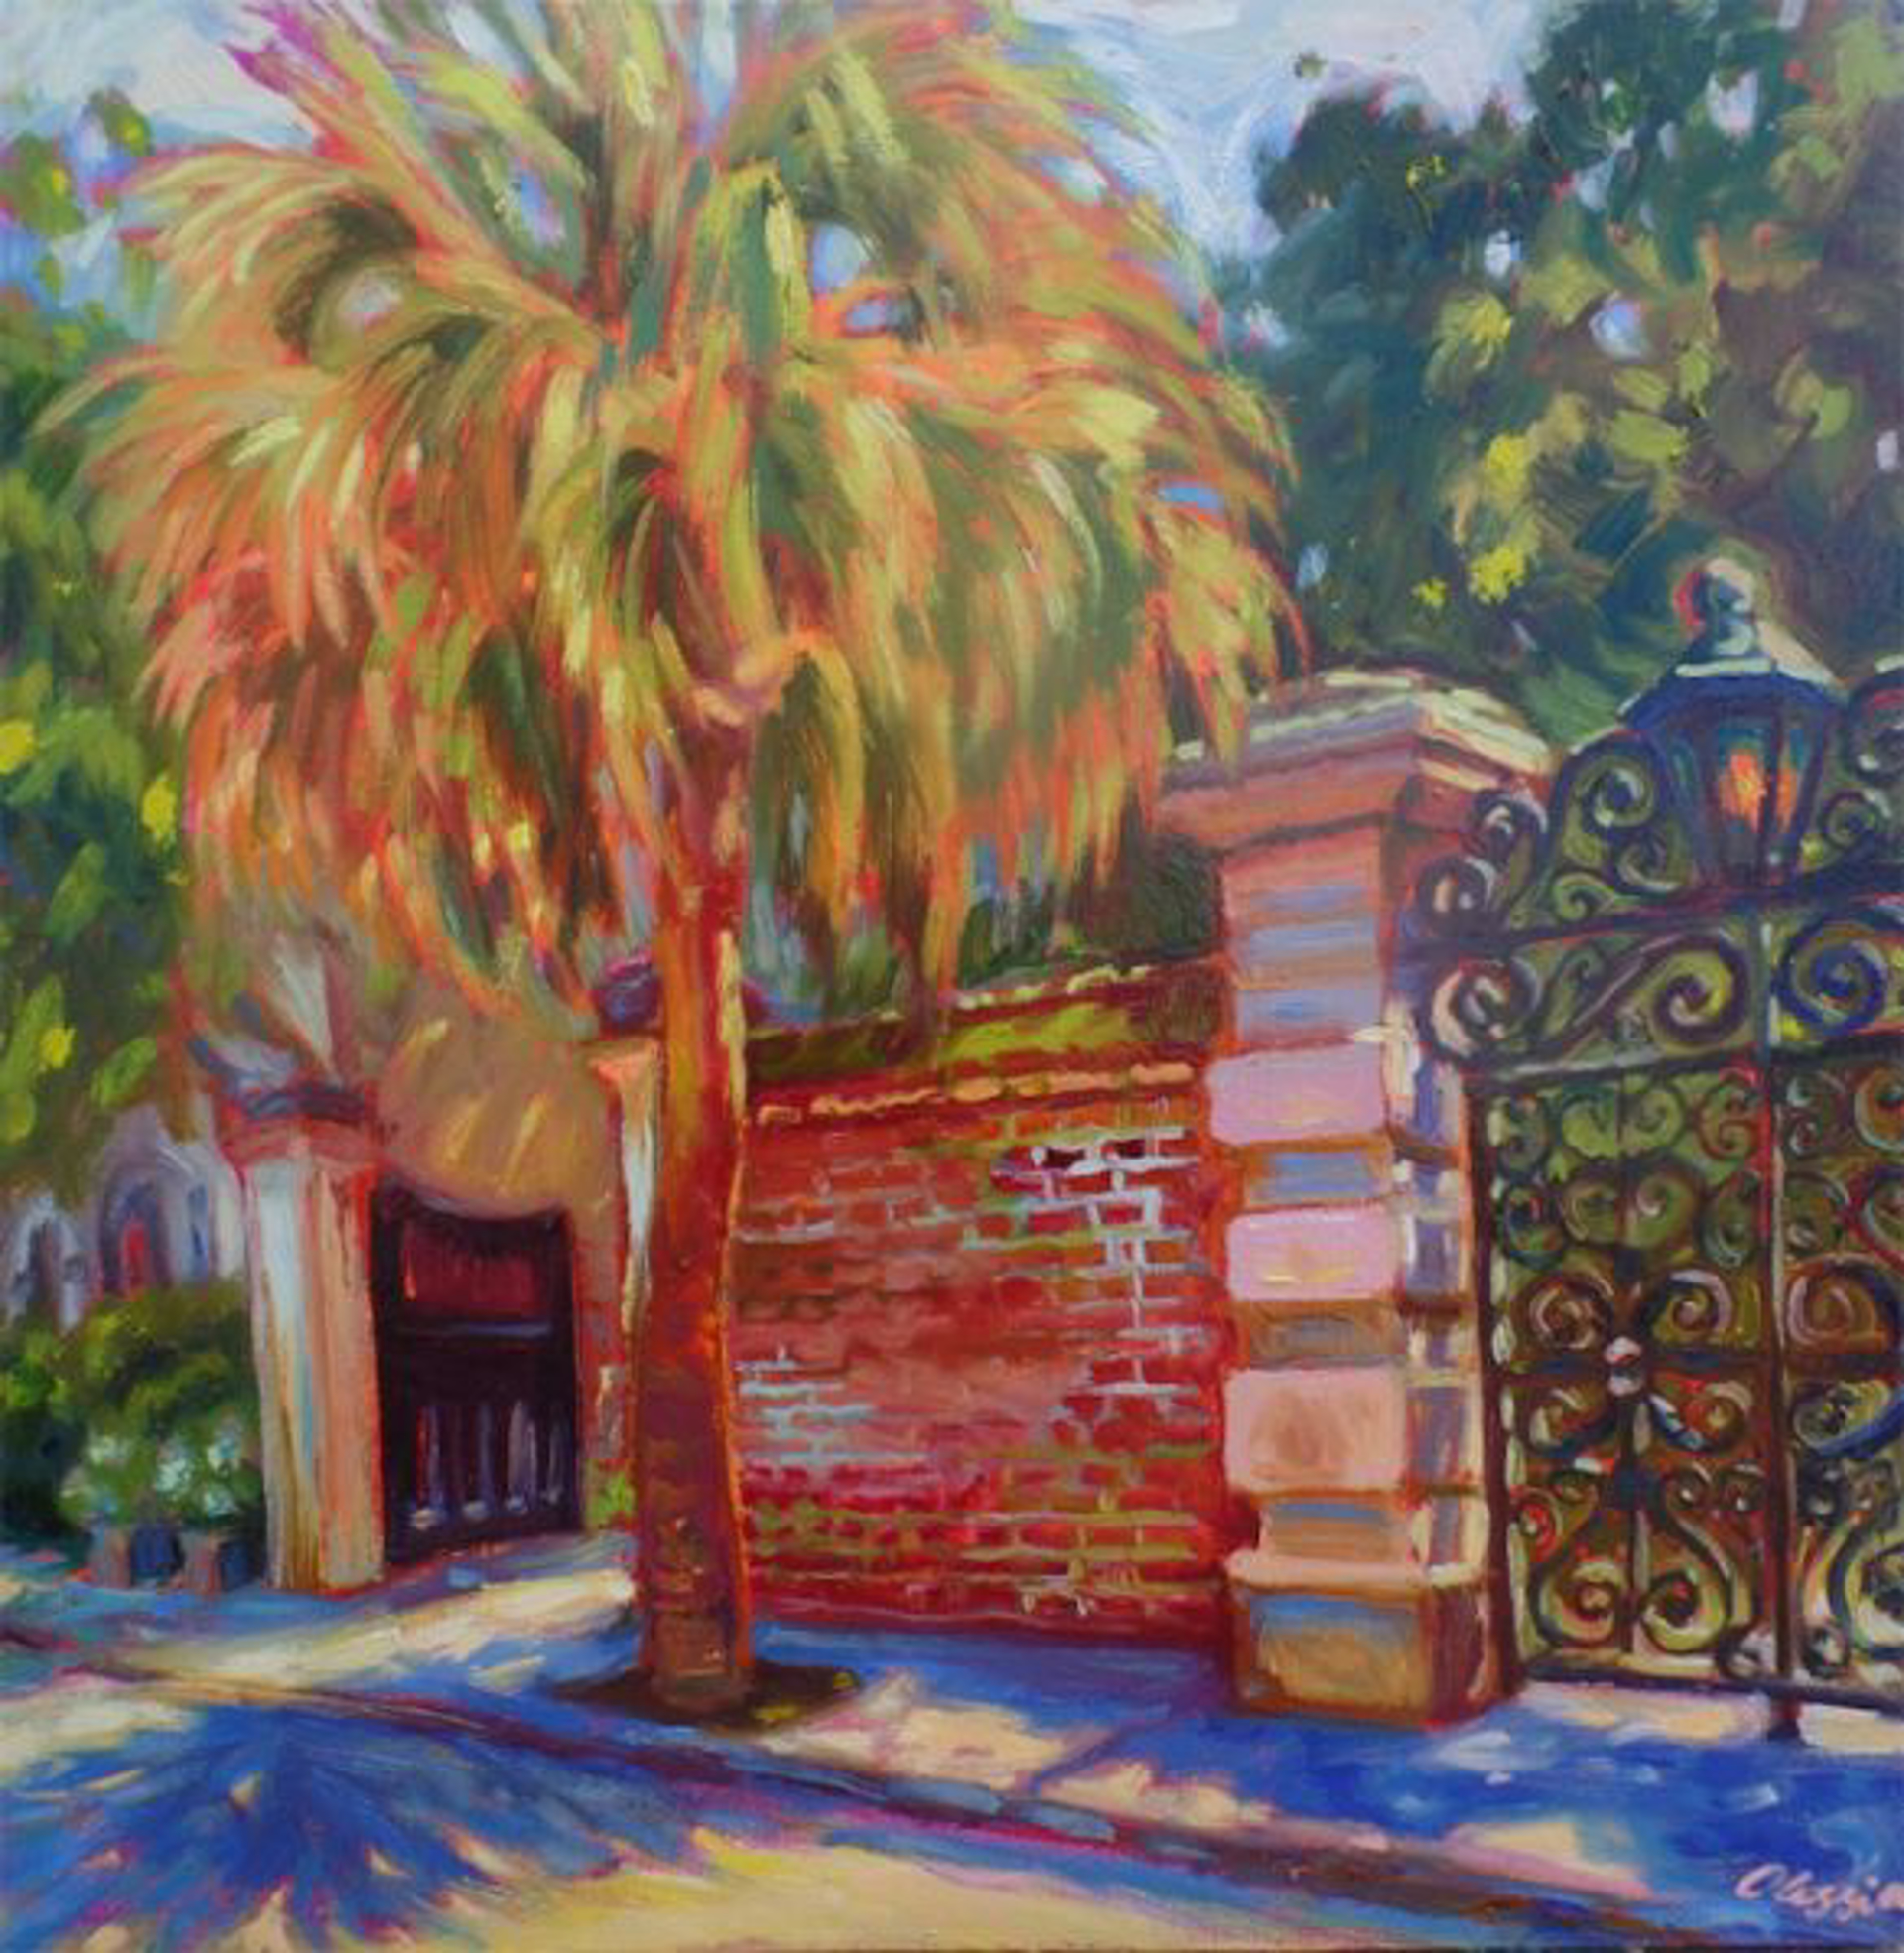 Iron Gate by Olessia Maximenko